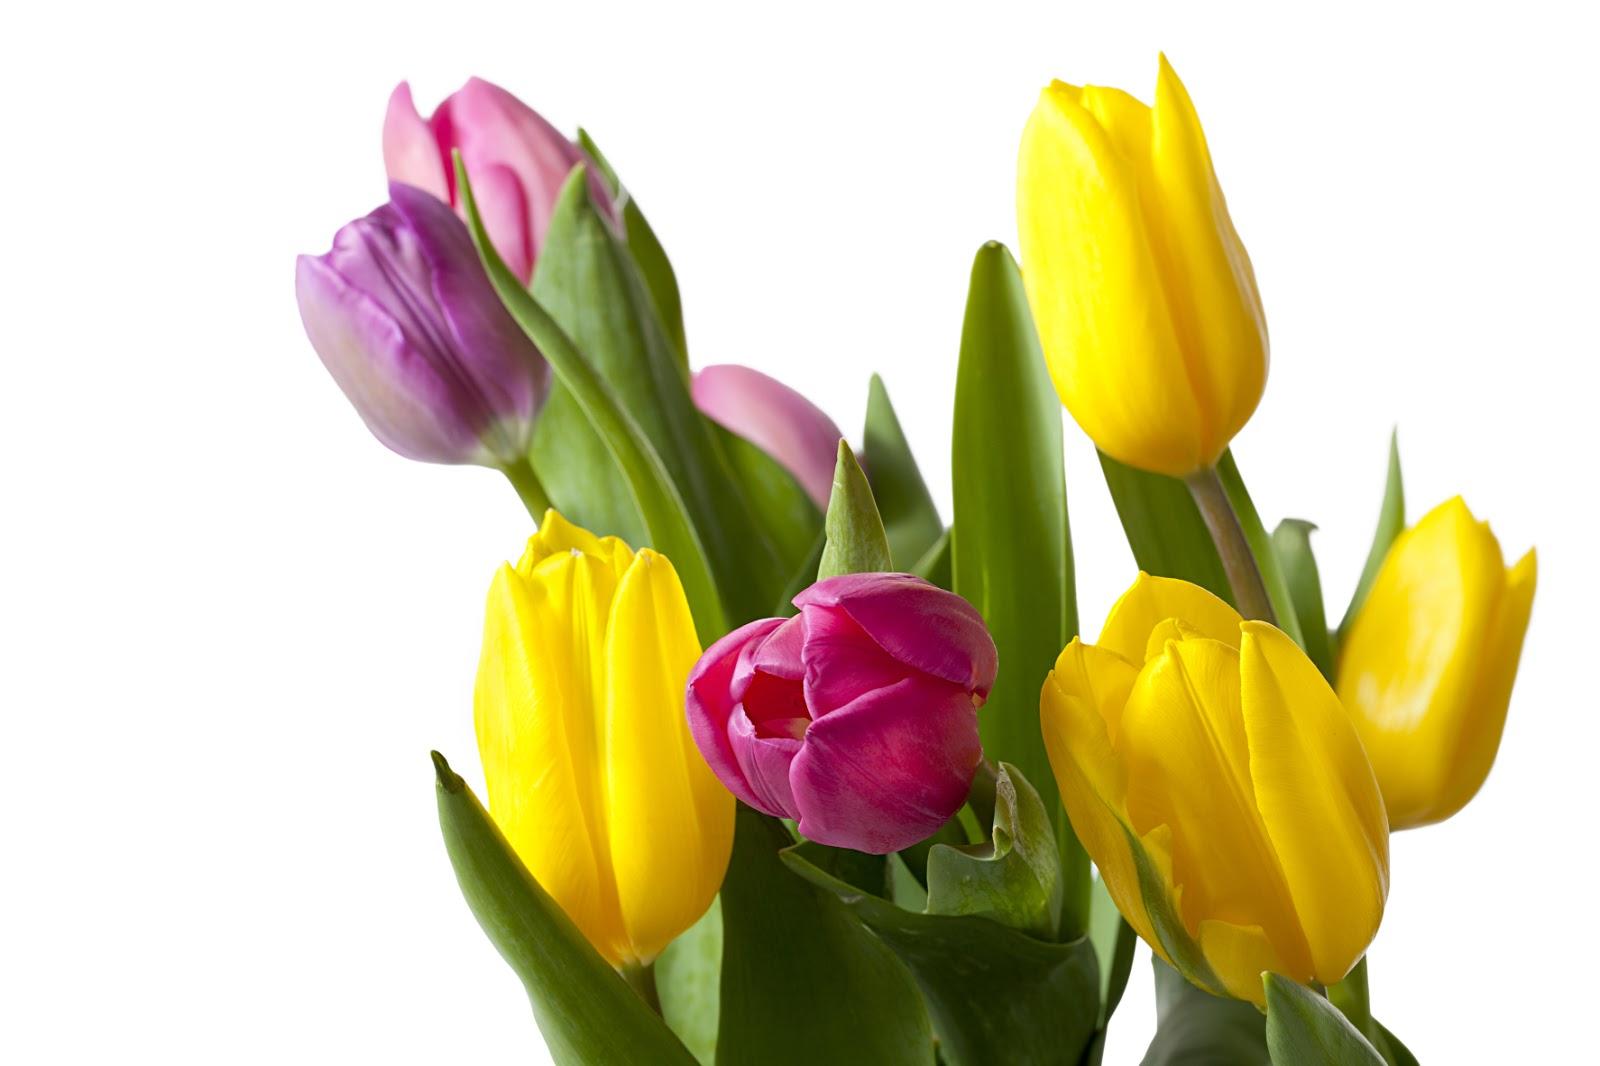 banco de im u00c1genes gratis  22 postales de flores para